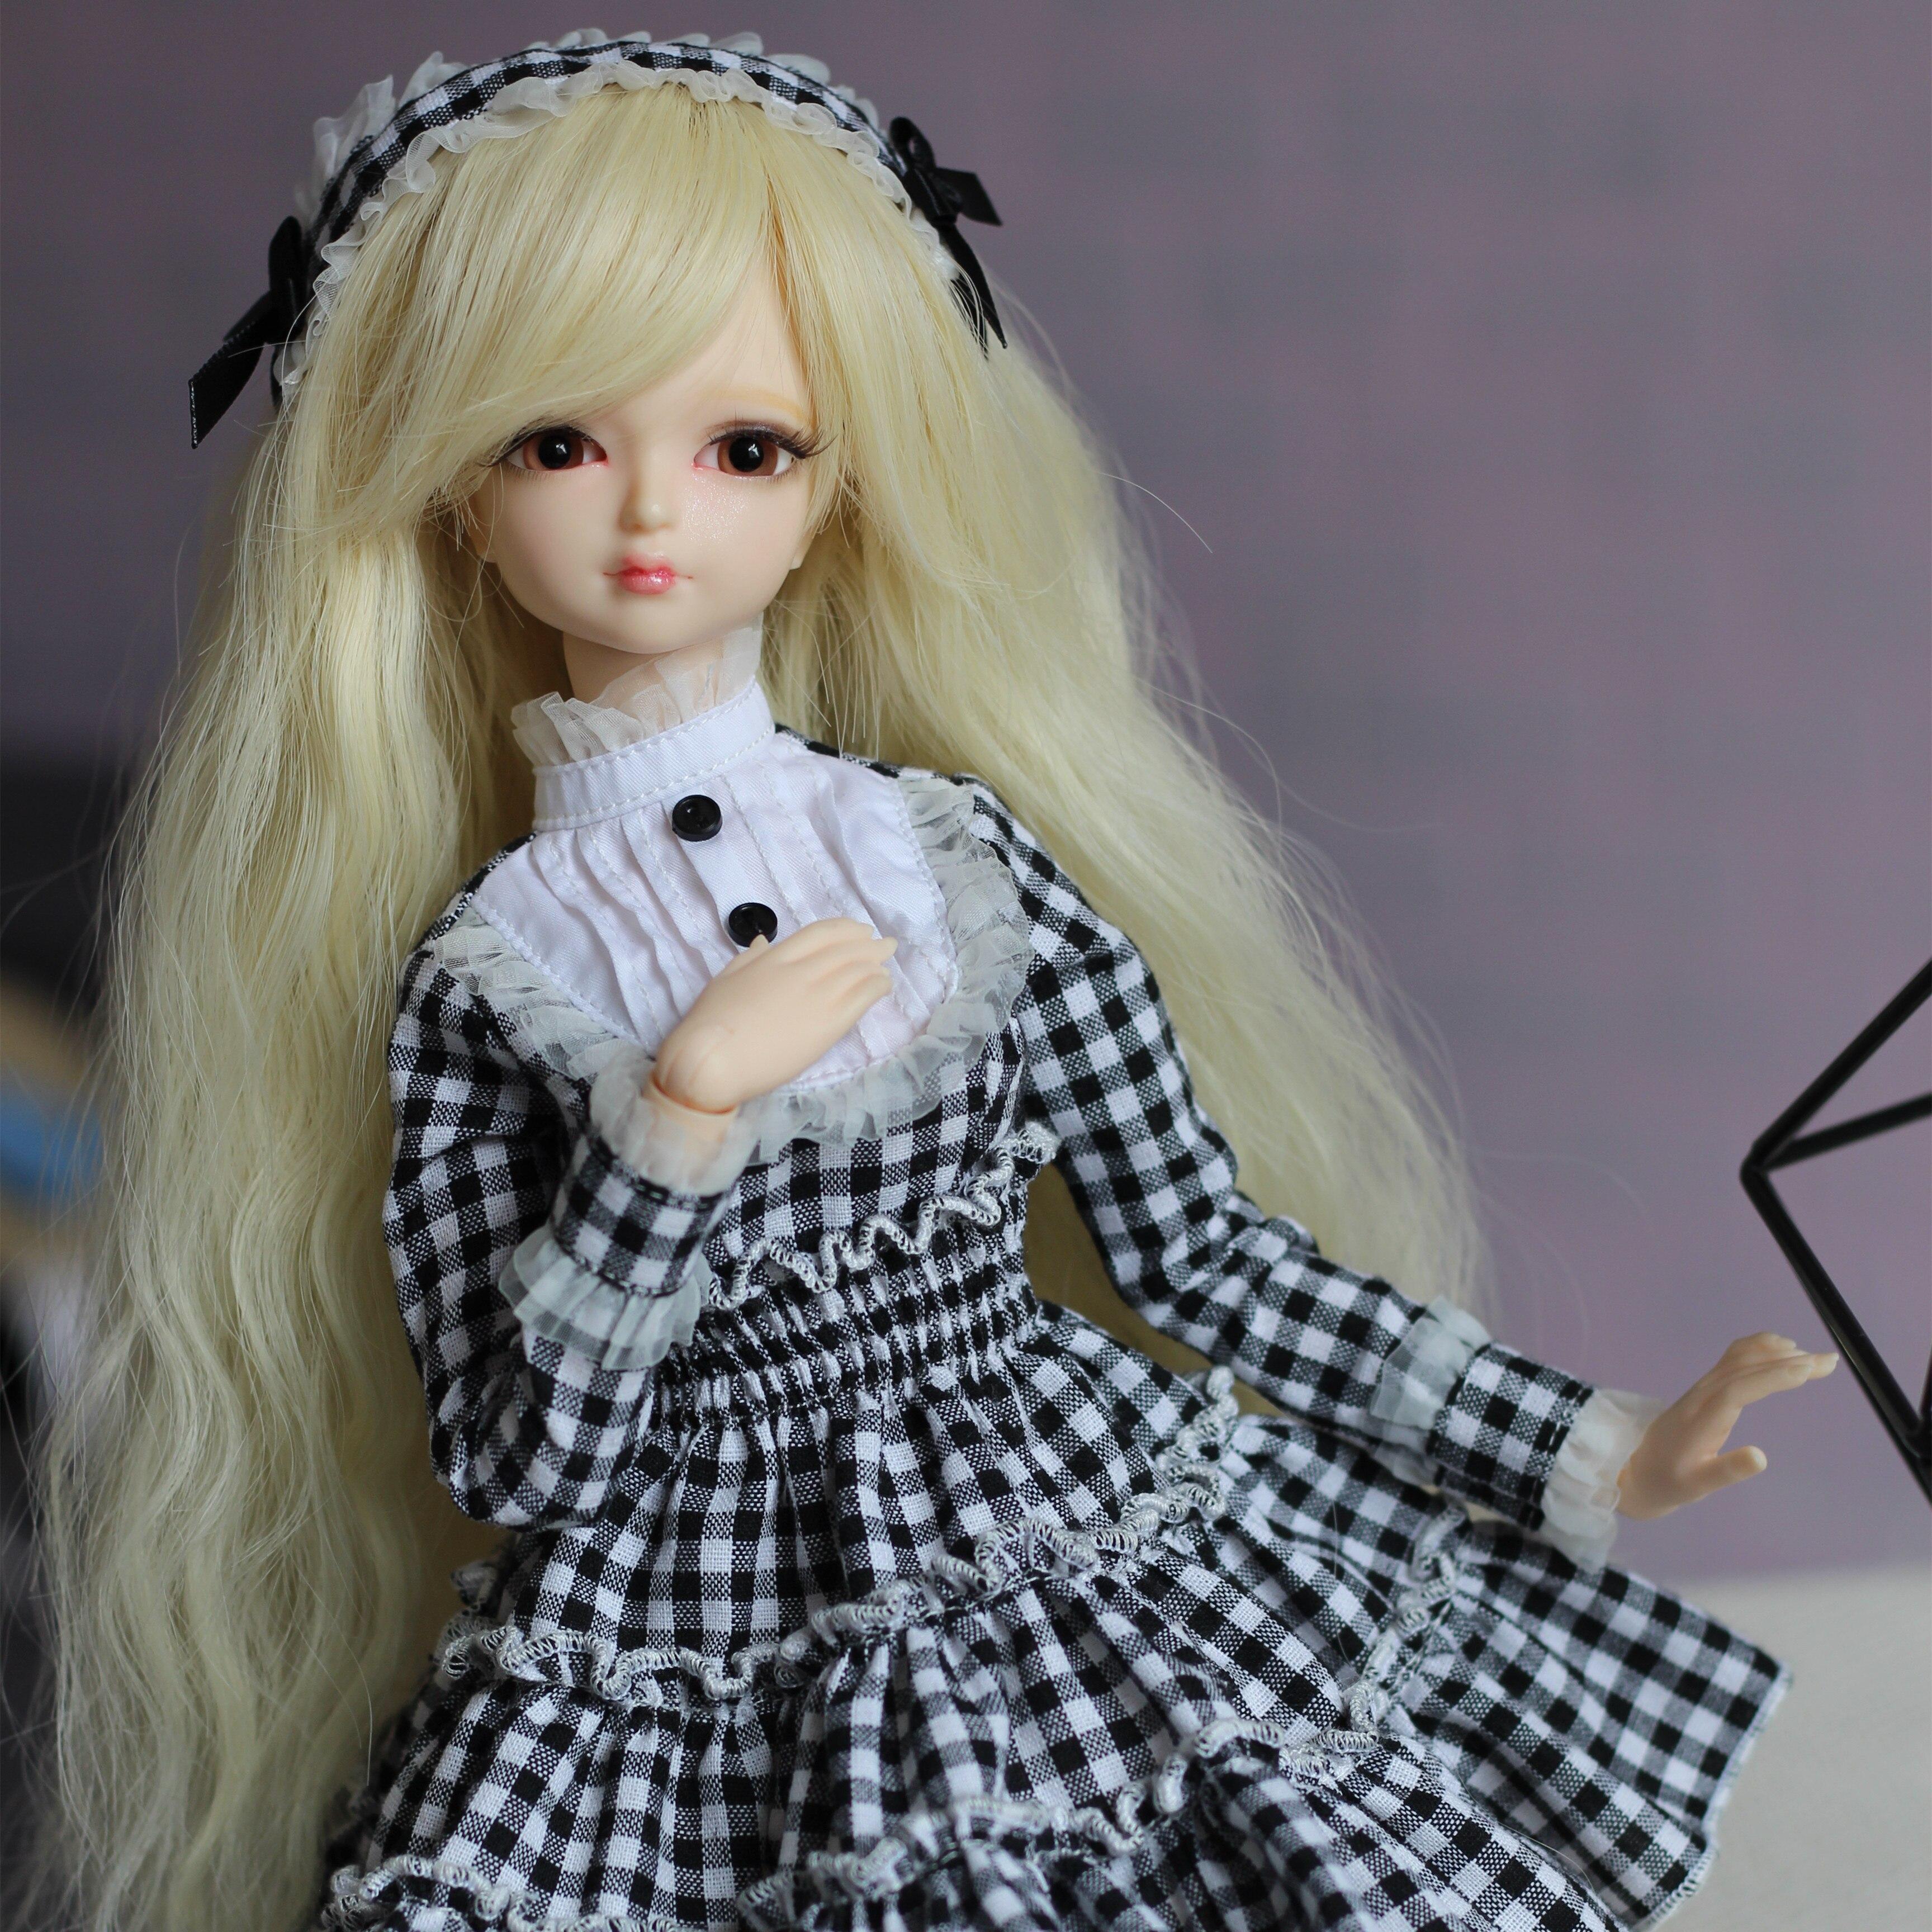 DBS 1/4 bjd 45 см шарнир тела кукла одежда костюм платье, только одежда без куклы без тела